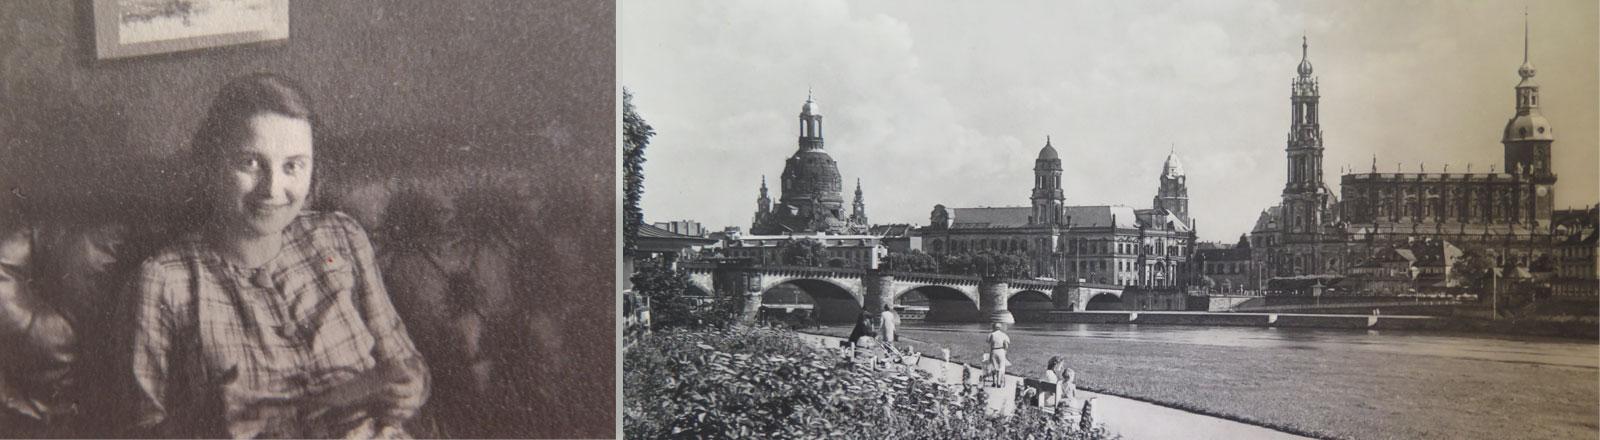 Ursula Rosch auf einer Couch, rechts daneben das Stadtpanorama von Dresden.